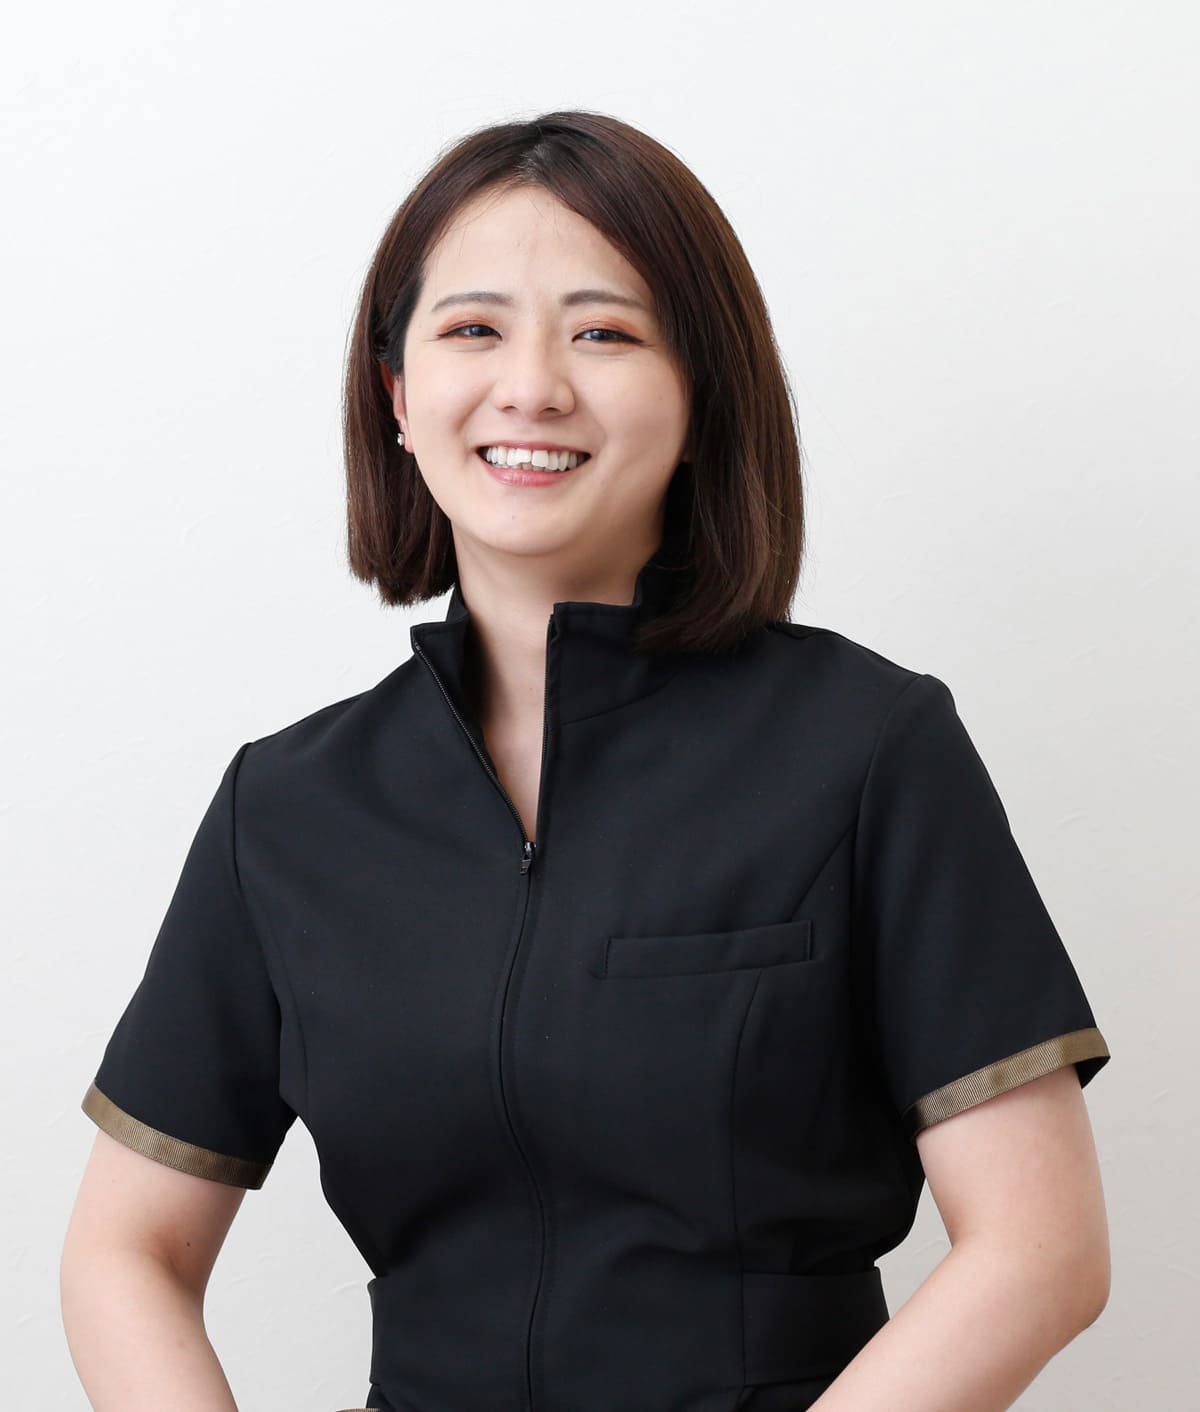 医療法人 優伸会 えがしら歯科 歯科助手 澤田